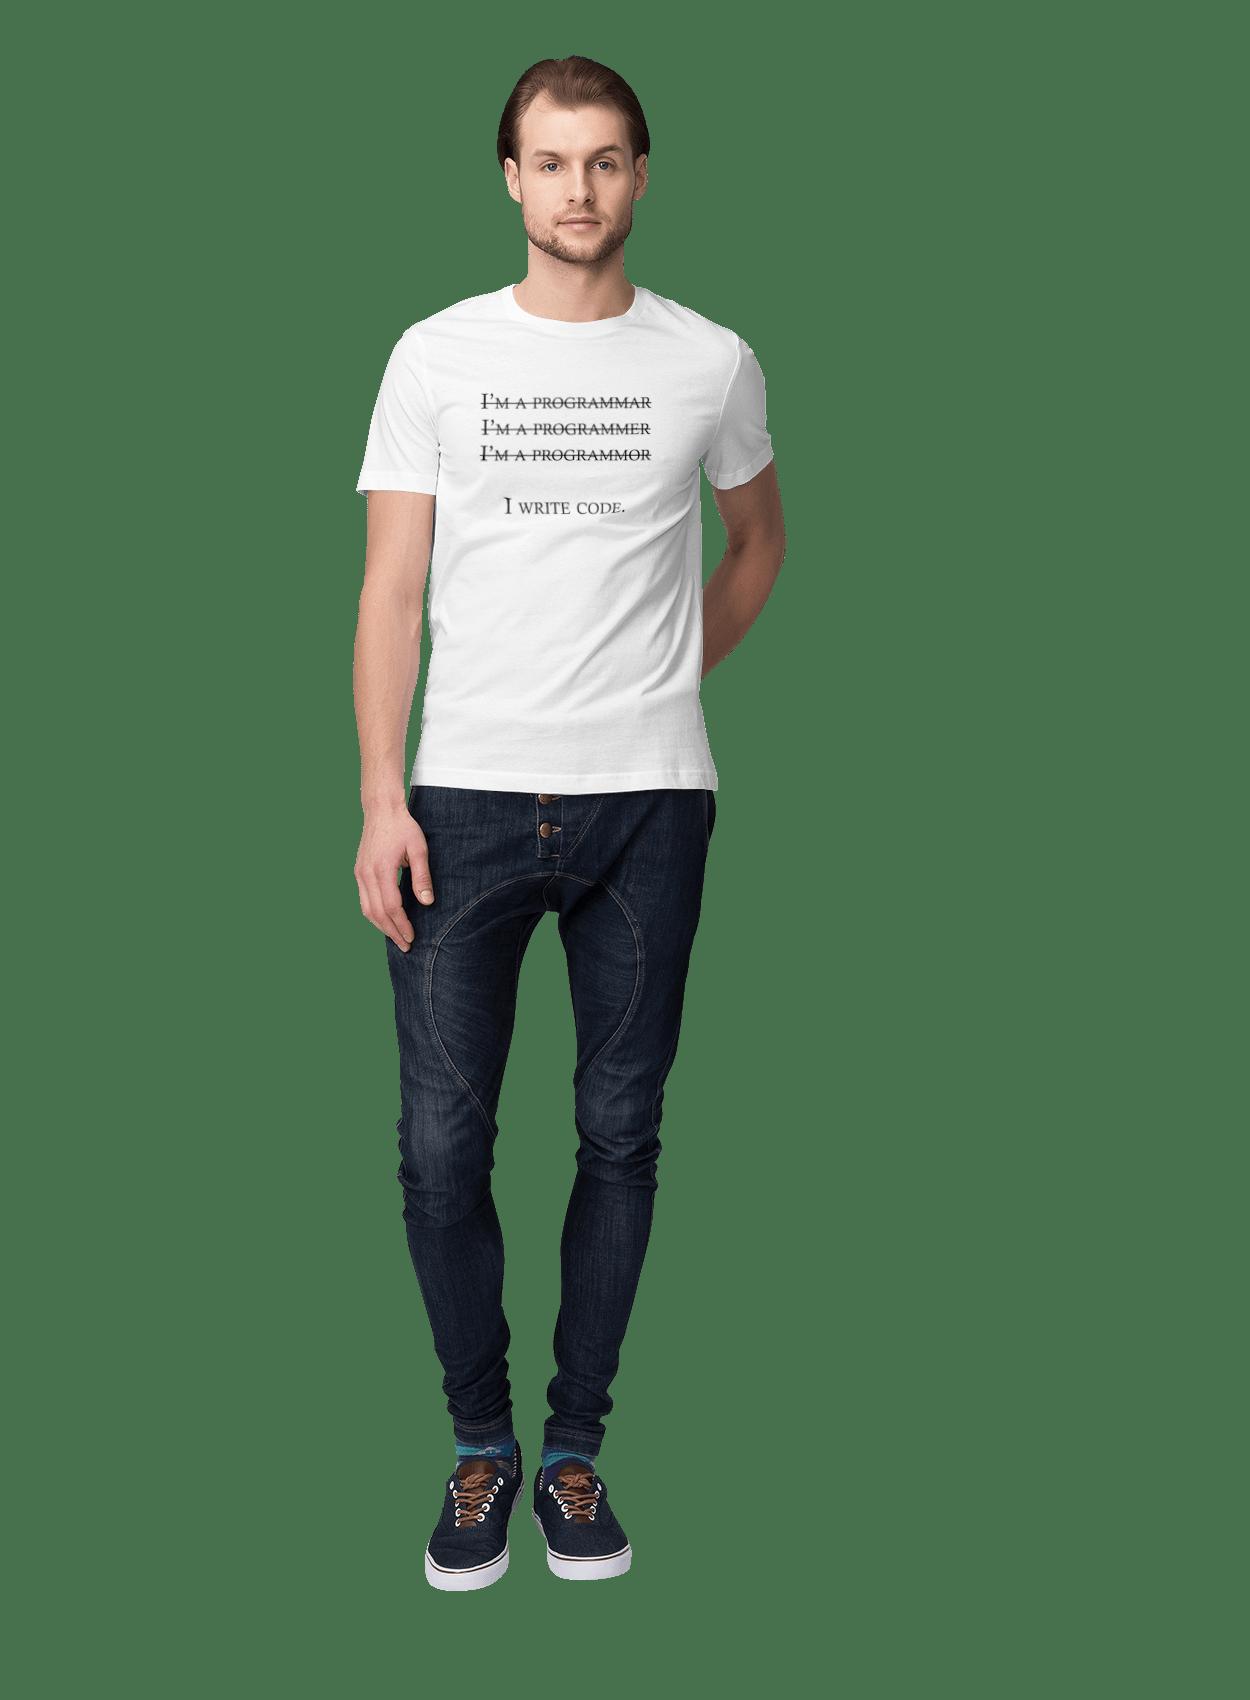 Я Пишу Код, Програміст, Чорний